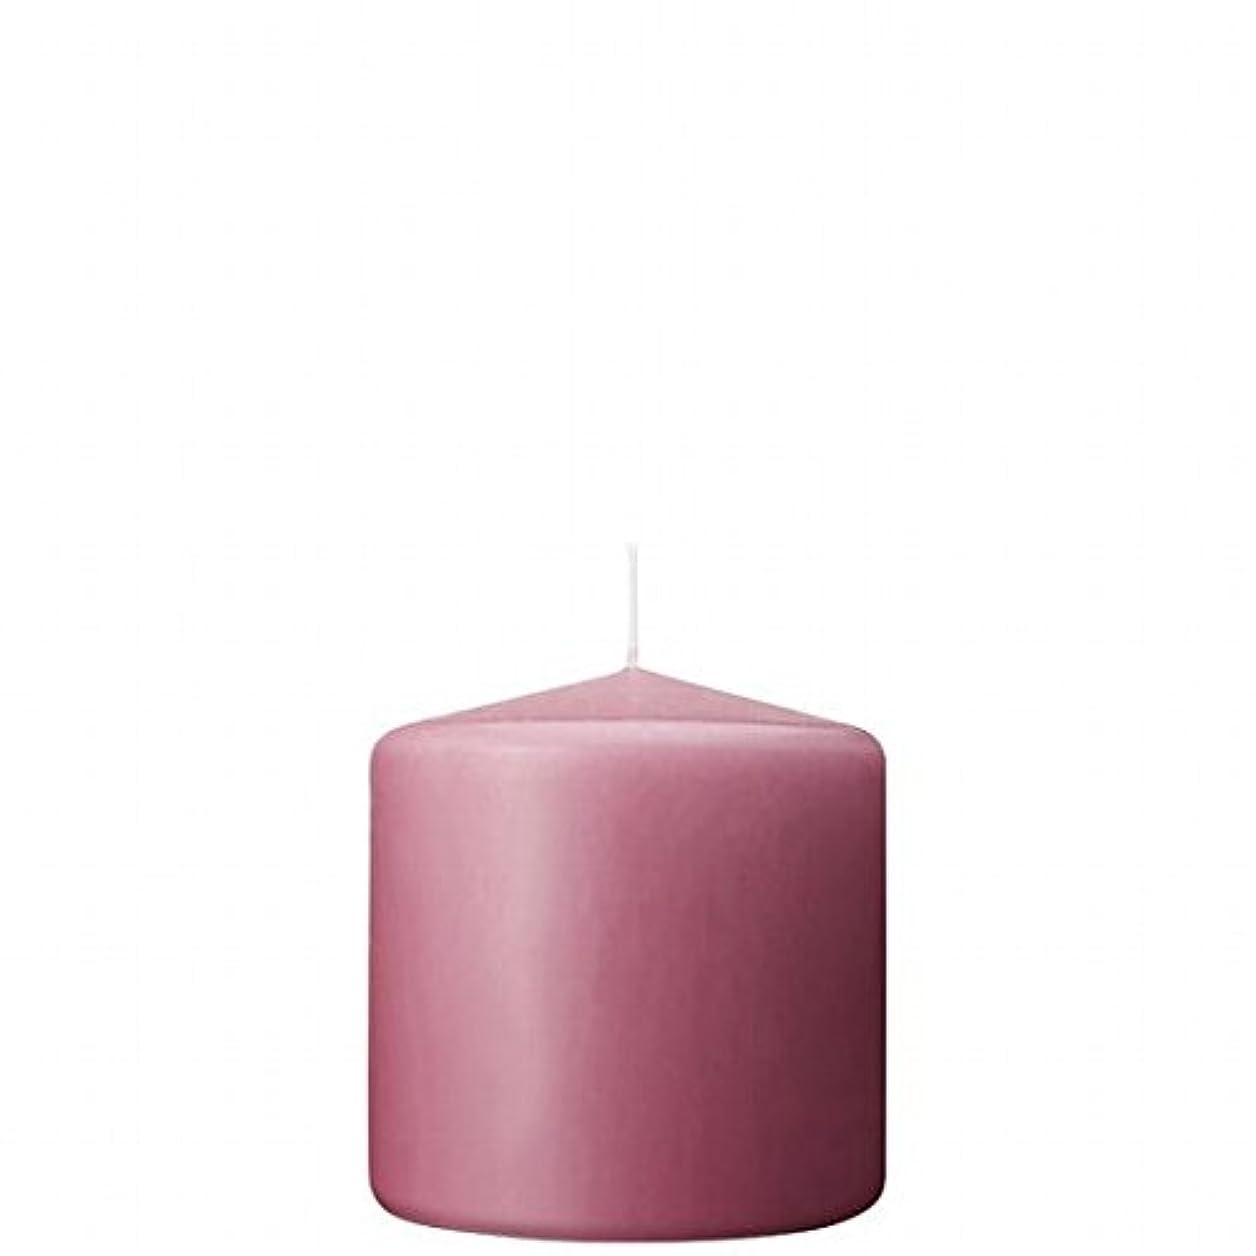 無秩序差し引く冷えるカメヤマキャンドル(kameyama candle) 3×3ベルトップピラーキャンドル 「 ラベンダークリーム 」